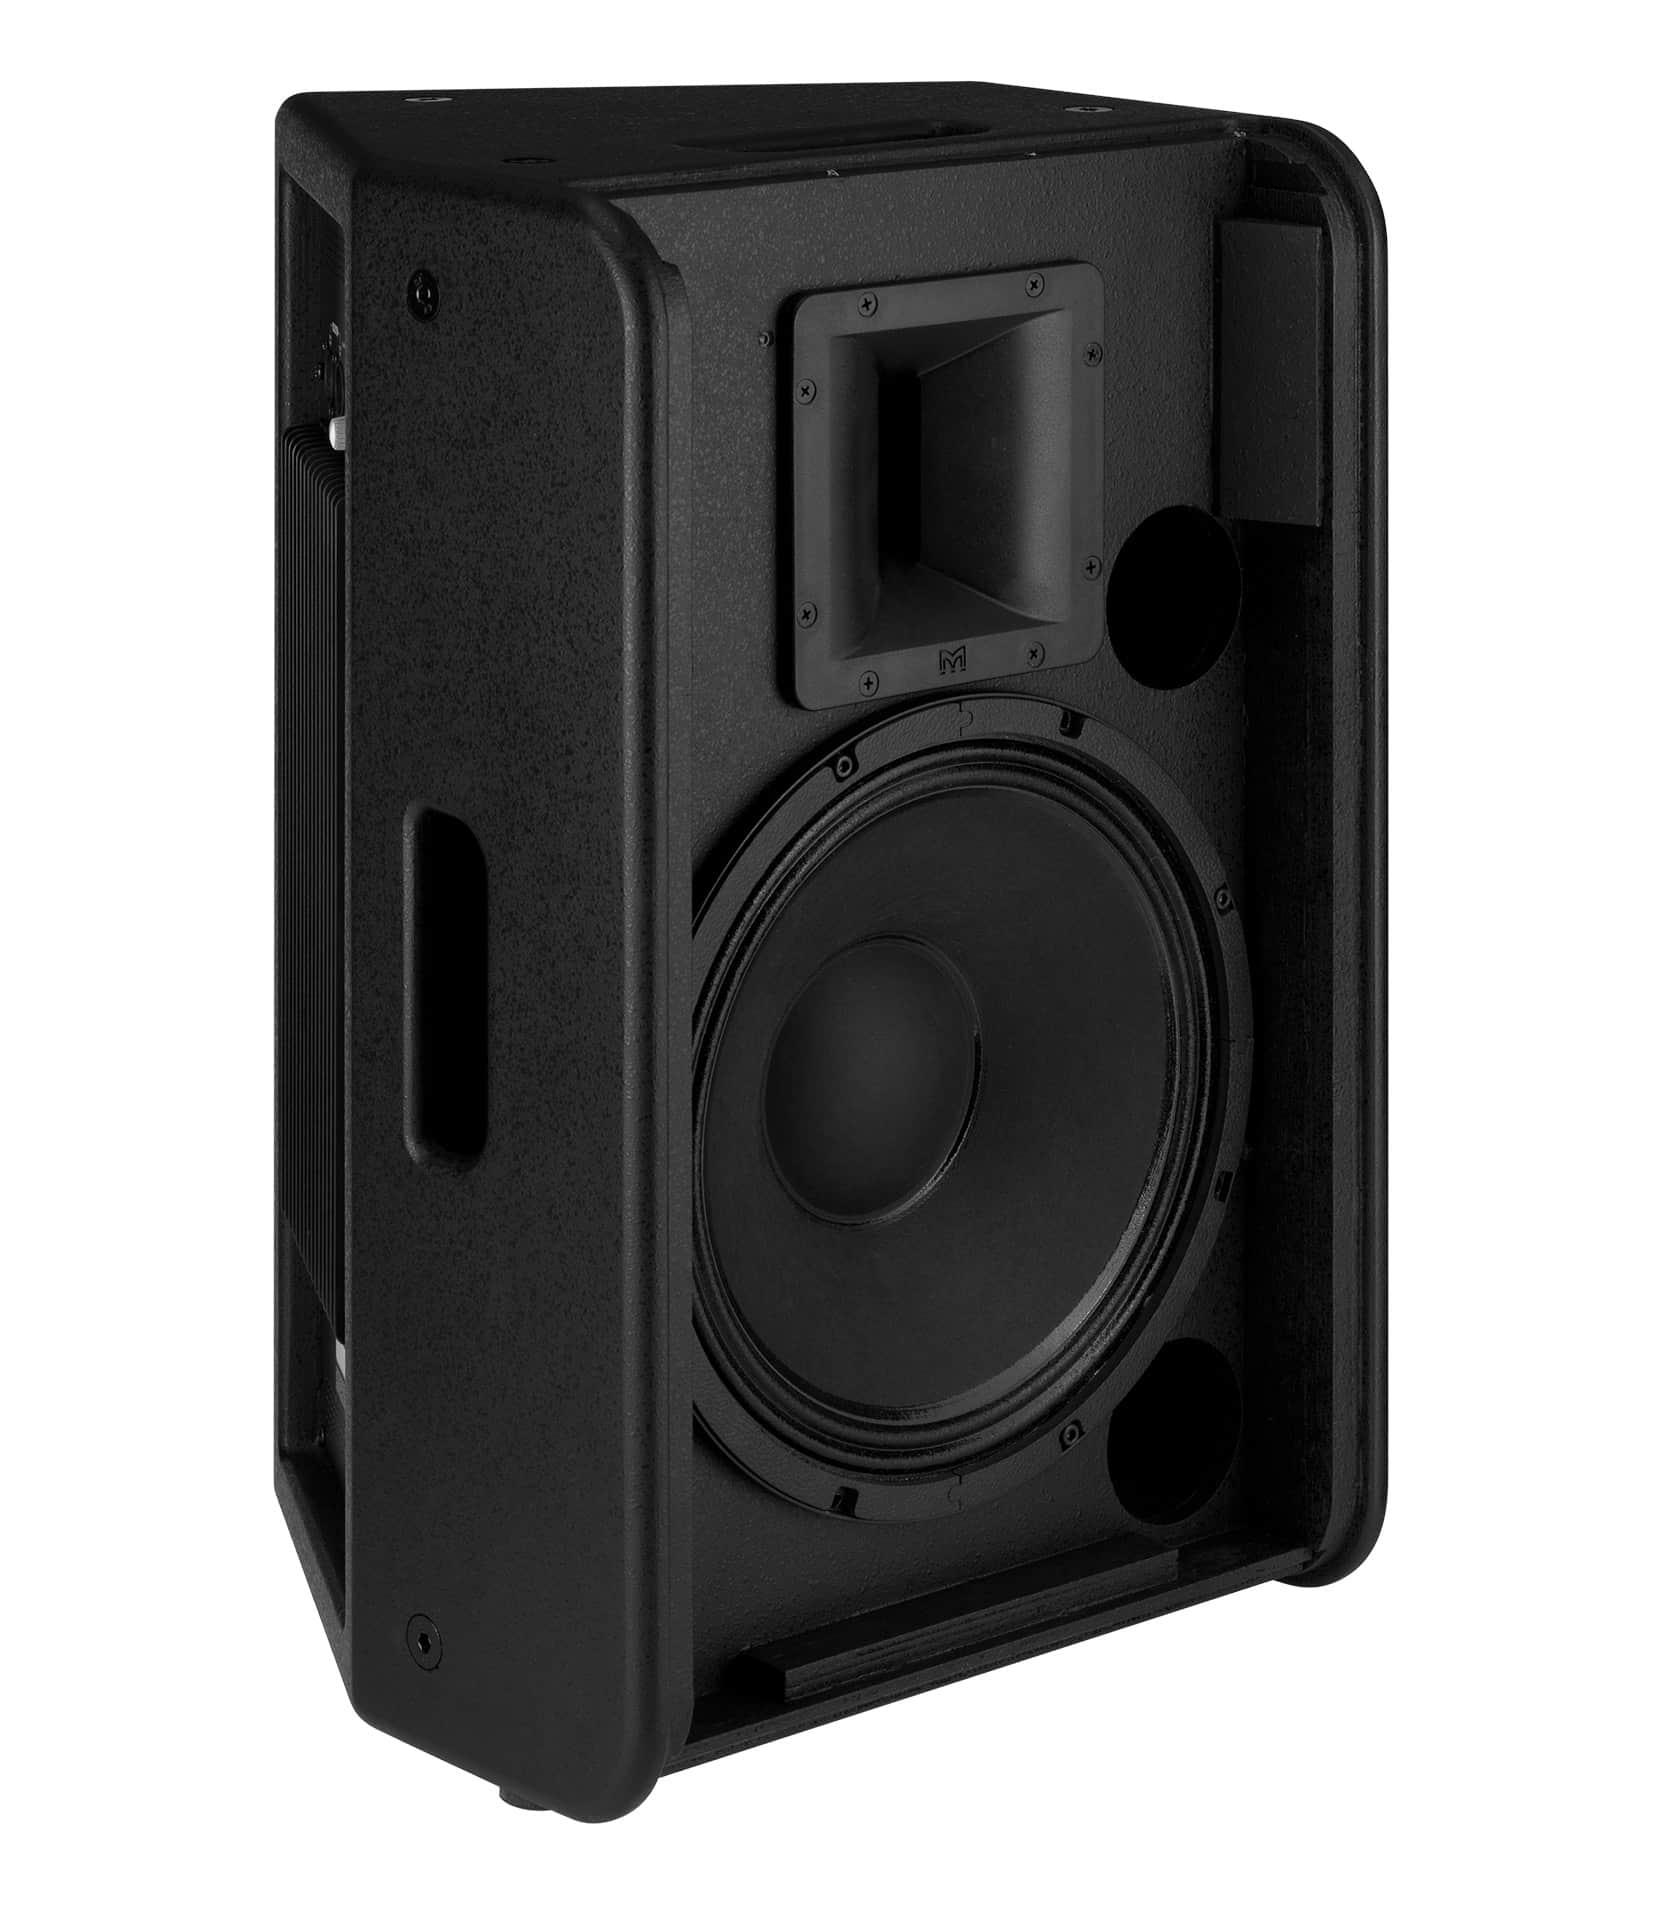 HD1221 12 2way High Definition Powered Loudspeake - Buy Online